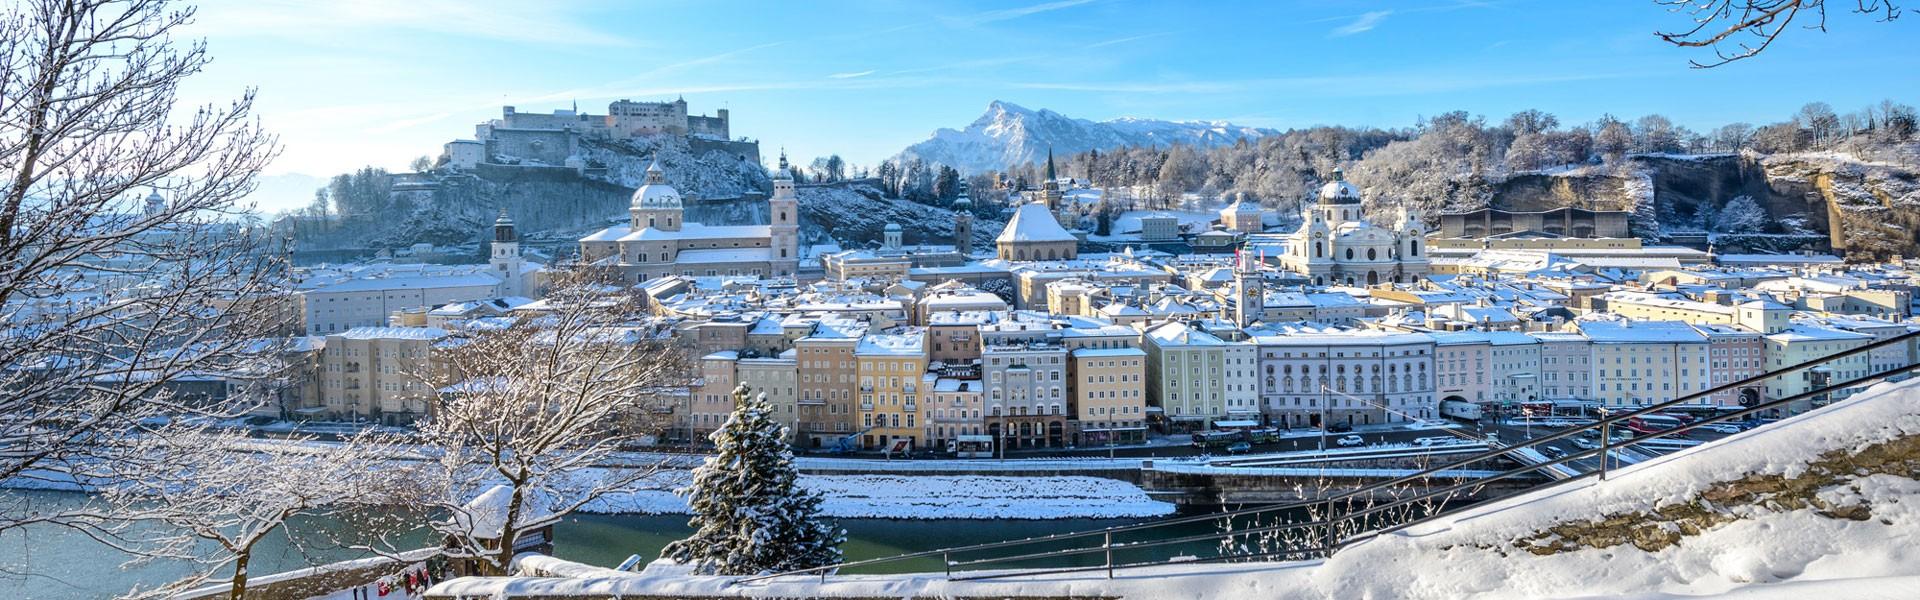 Stadtansicht-Salzburg-Tourismus-Salzburg